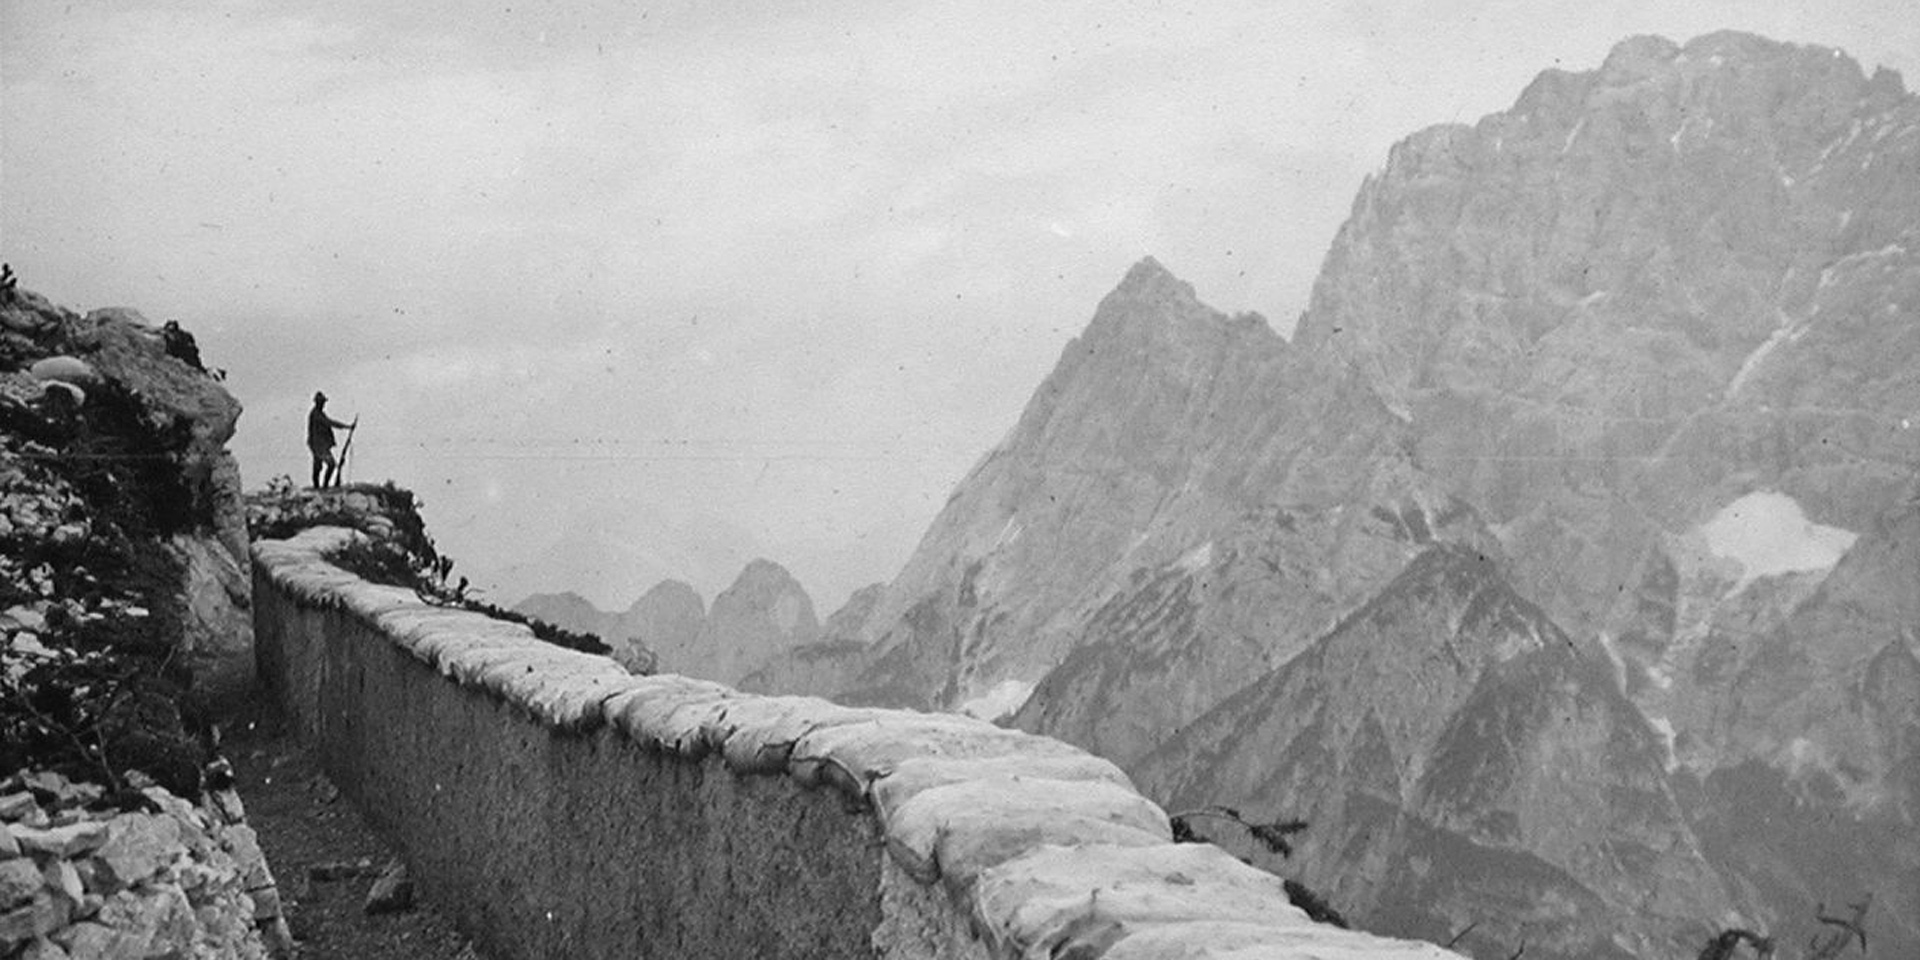 Summit of Mount Kopfach